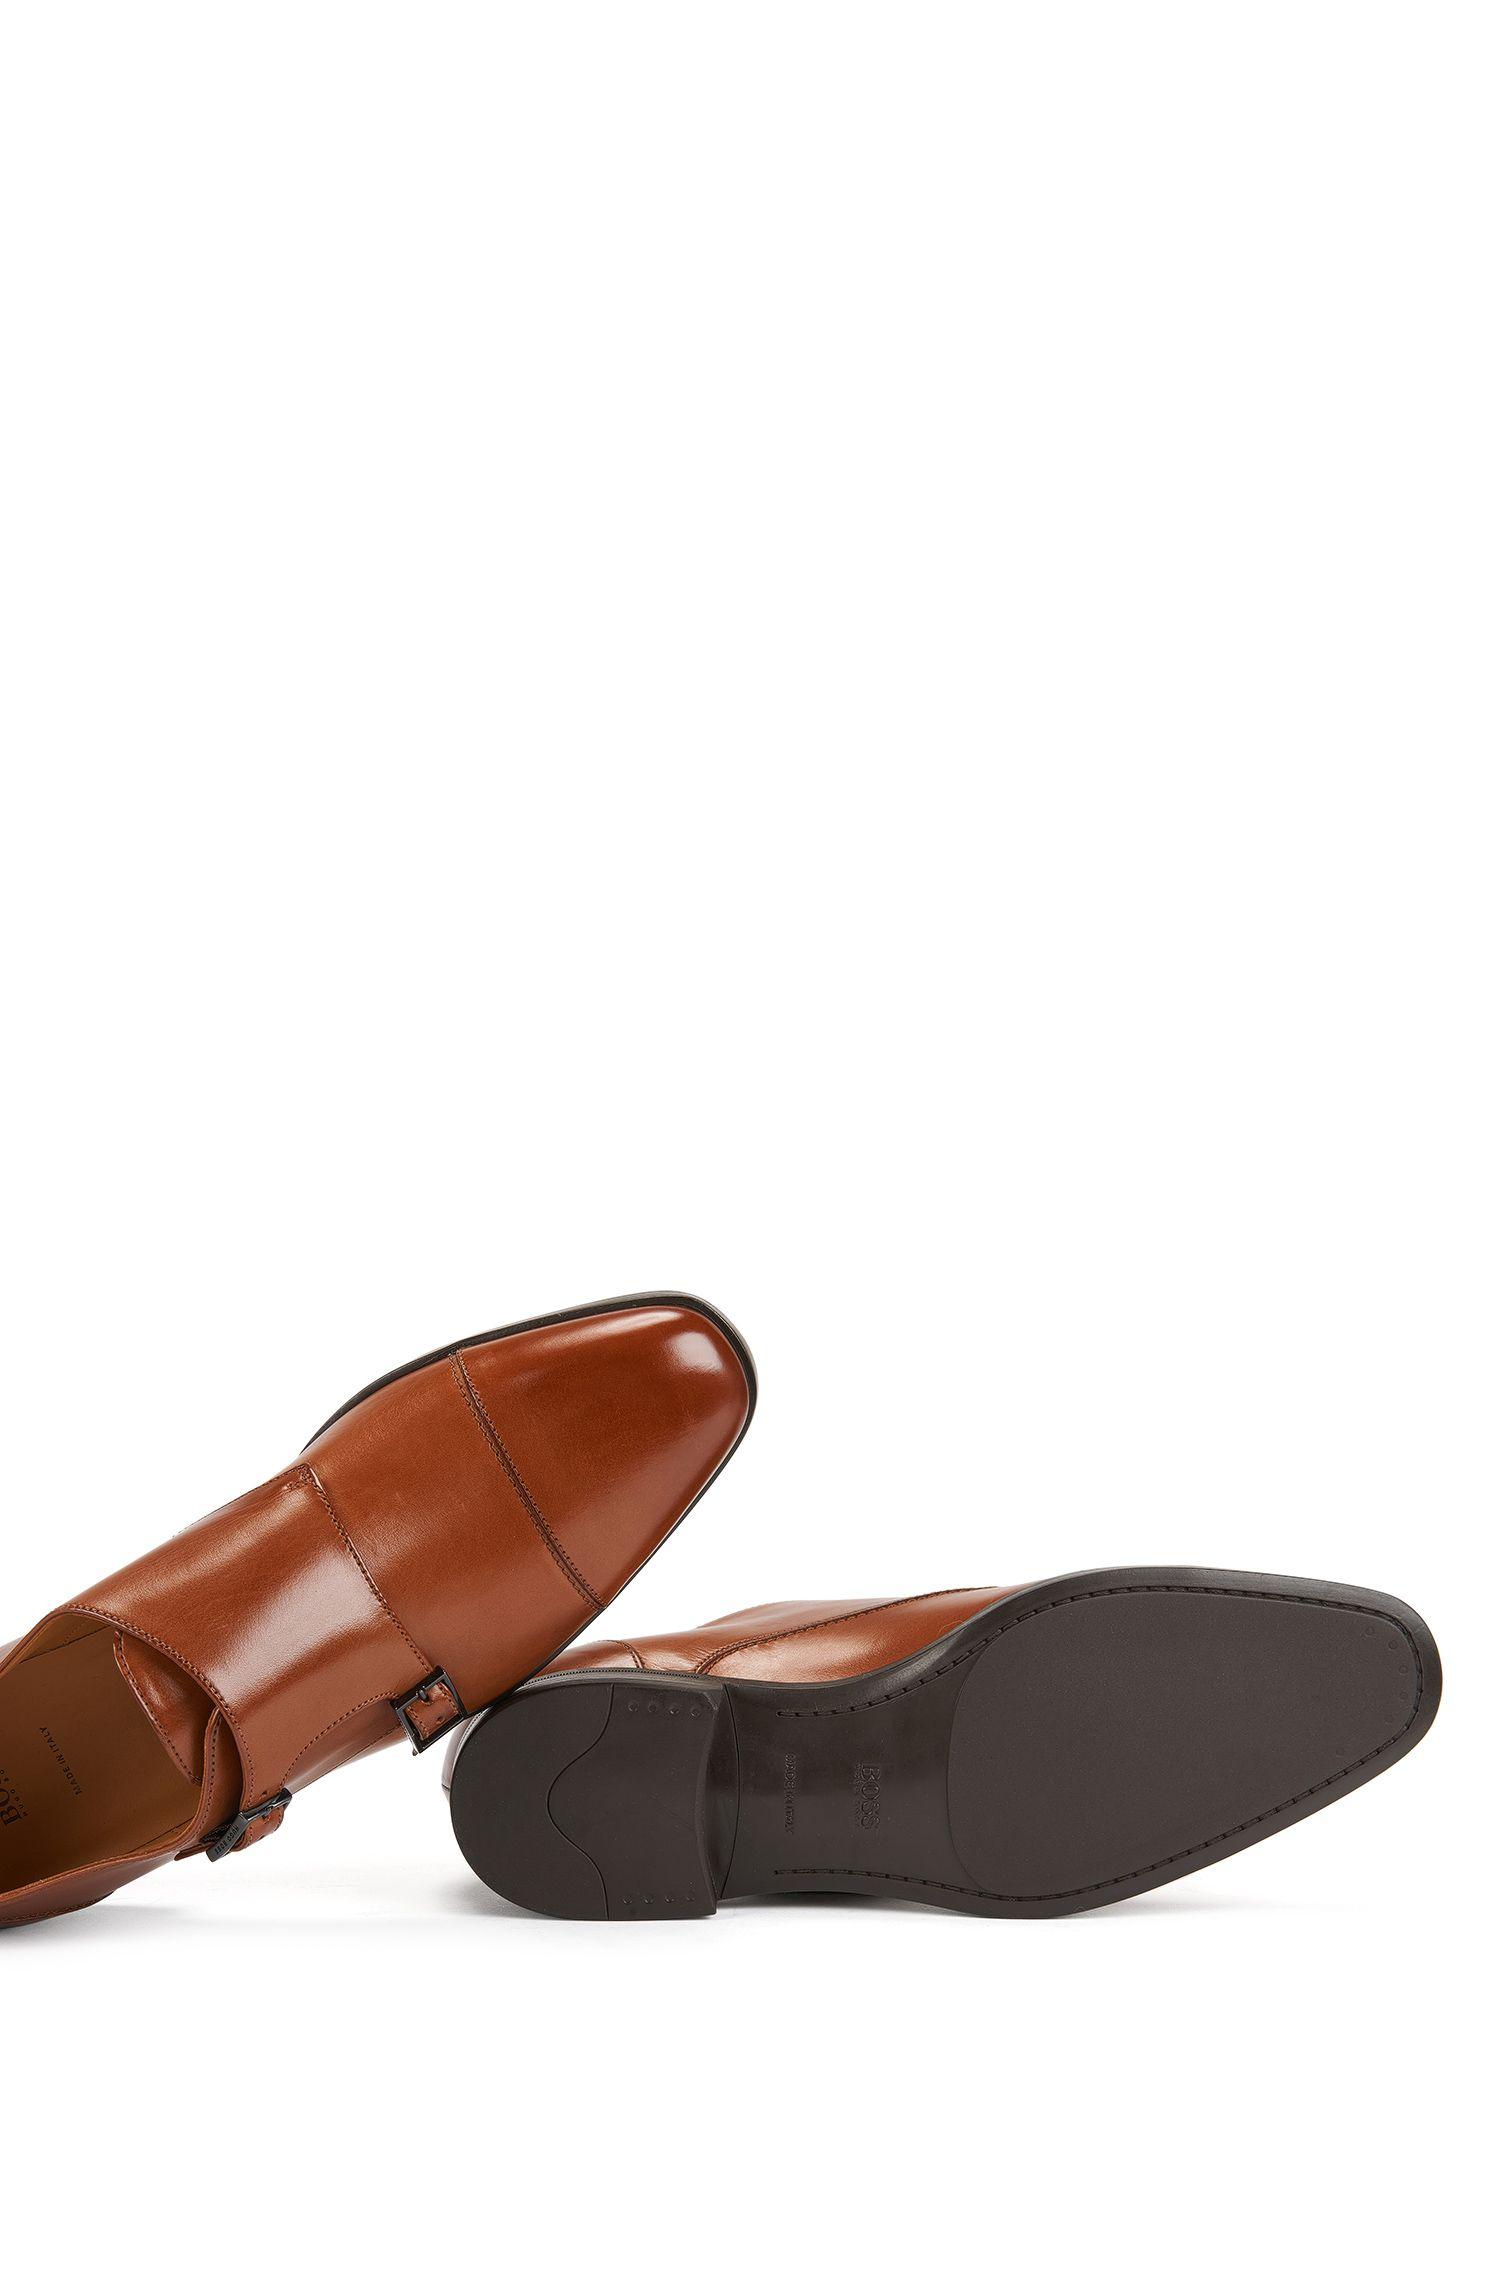 Chaussures double boucle en cuir au tannage végétal